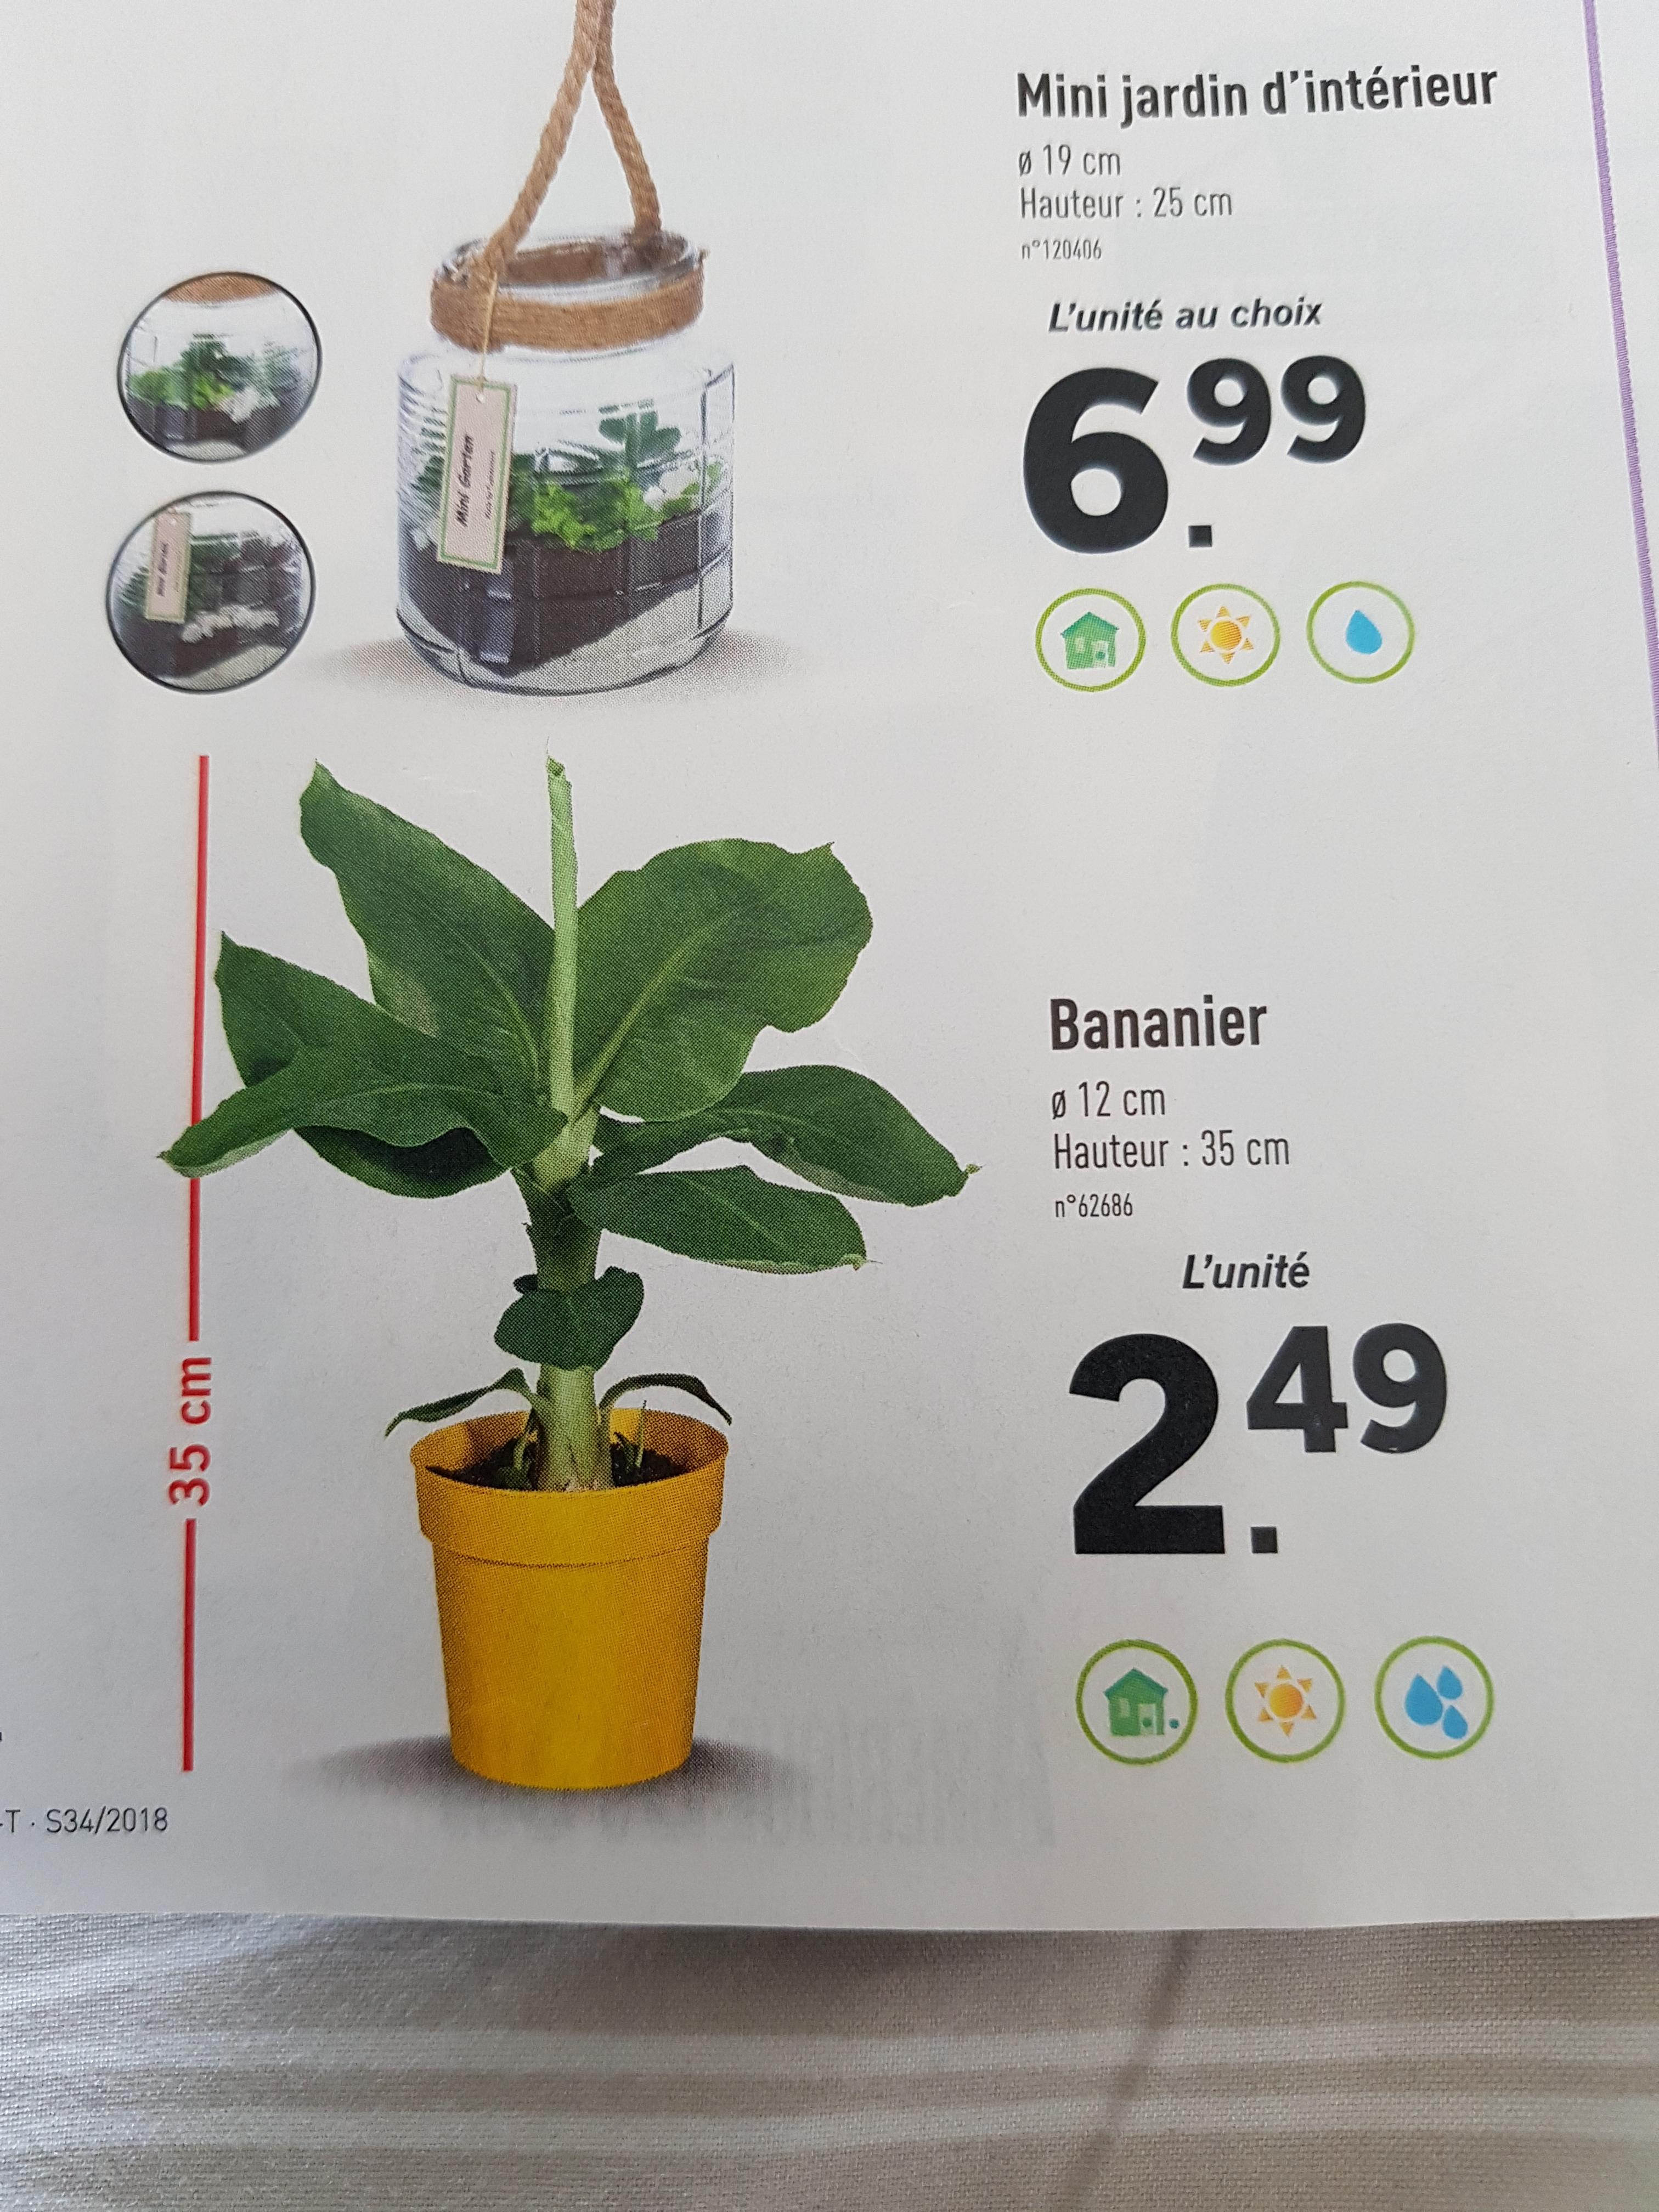 Bananier en pot - hauteur 35 cm et diamètre du pot 12 cm – Dealabs.com